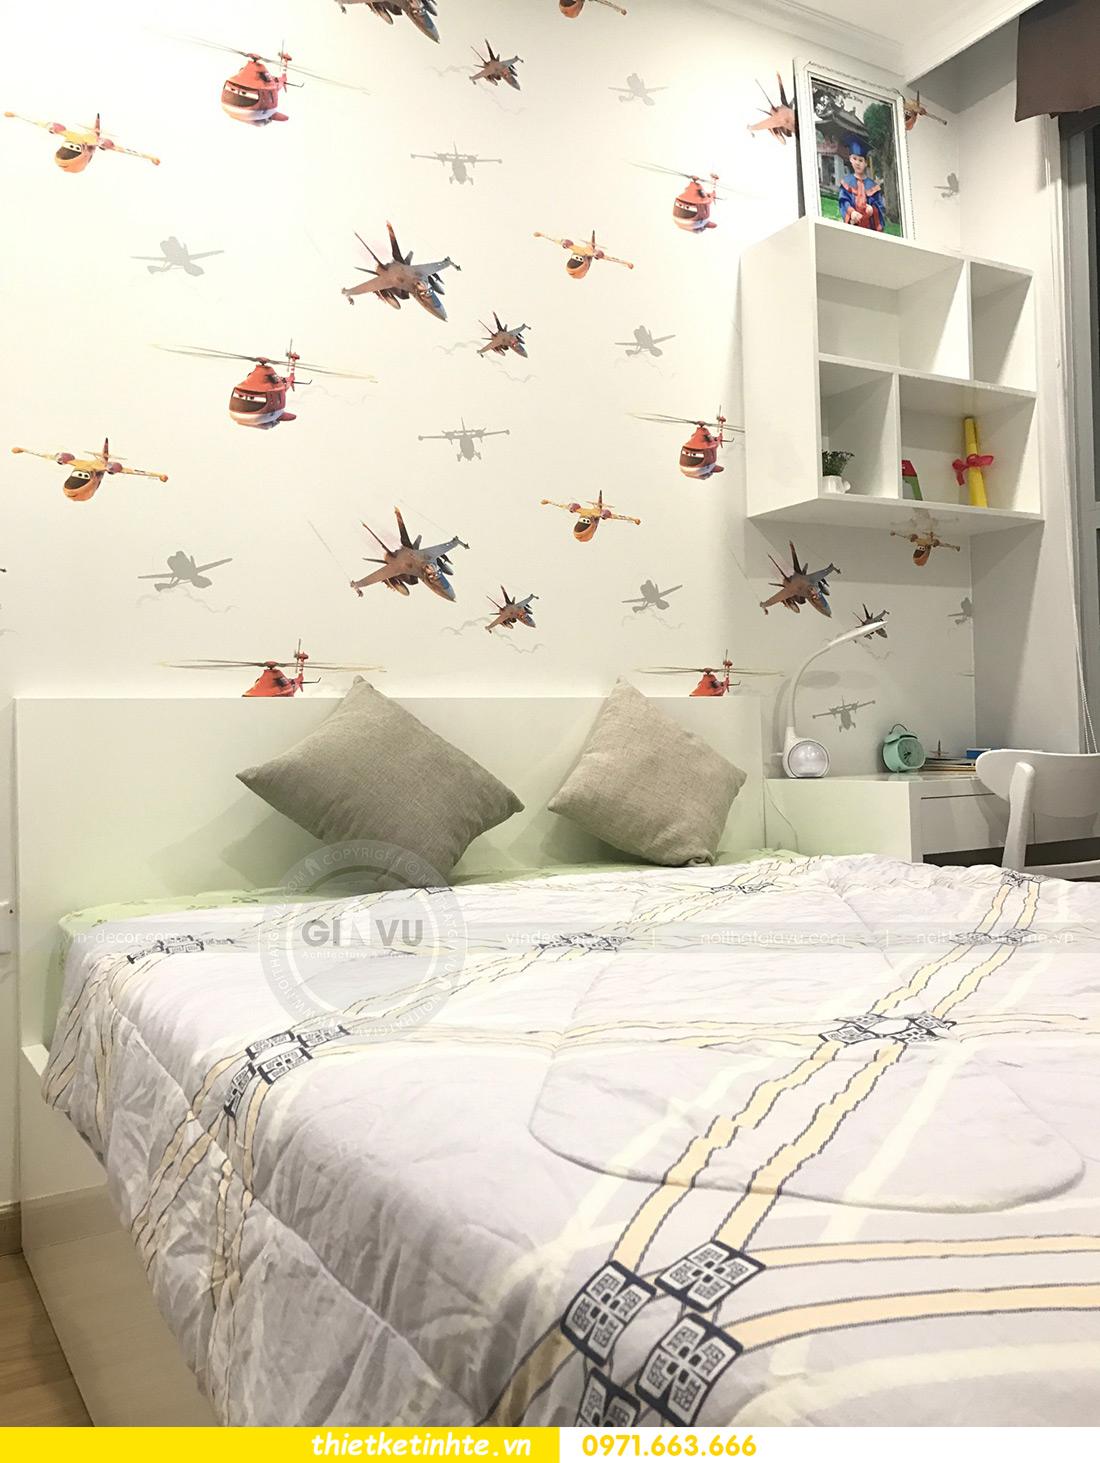 thi công hoàn thiện nội thất chung cư Gardenia chỉ với 200 triệu 10